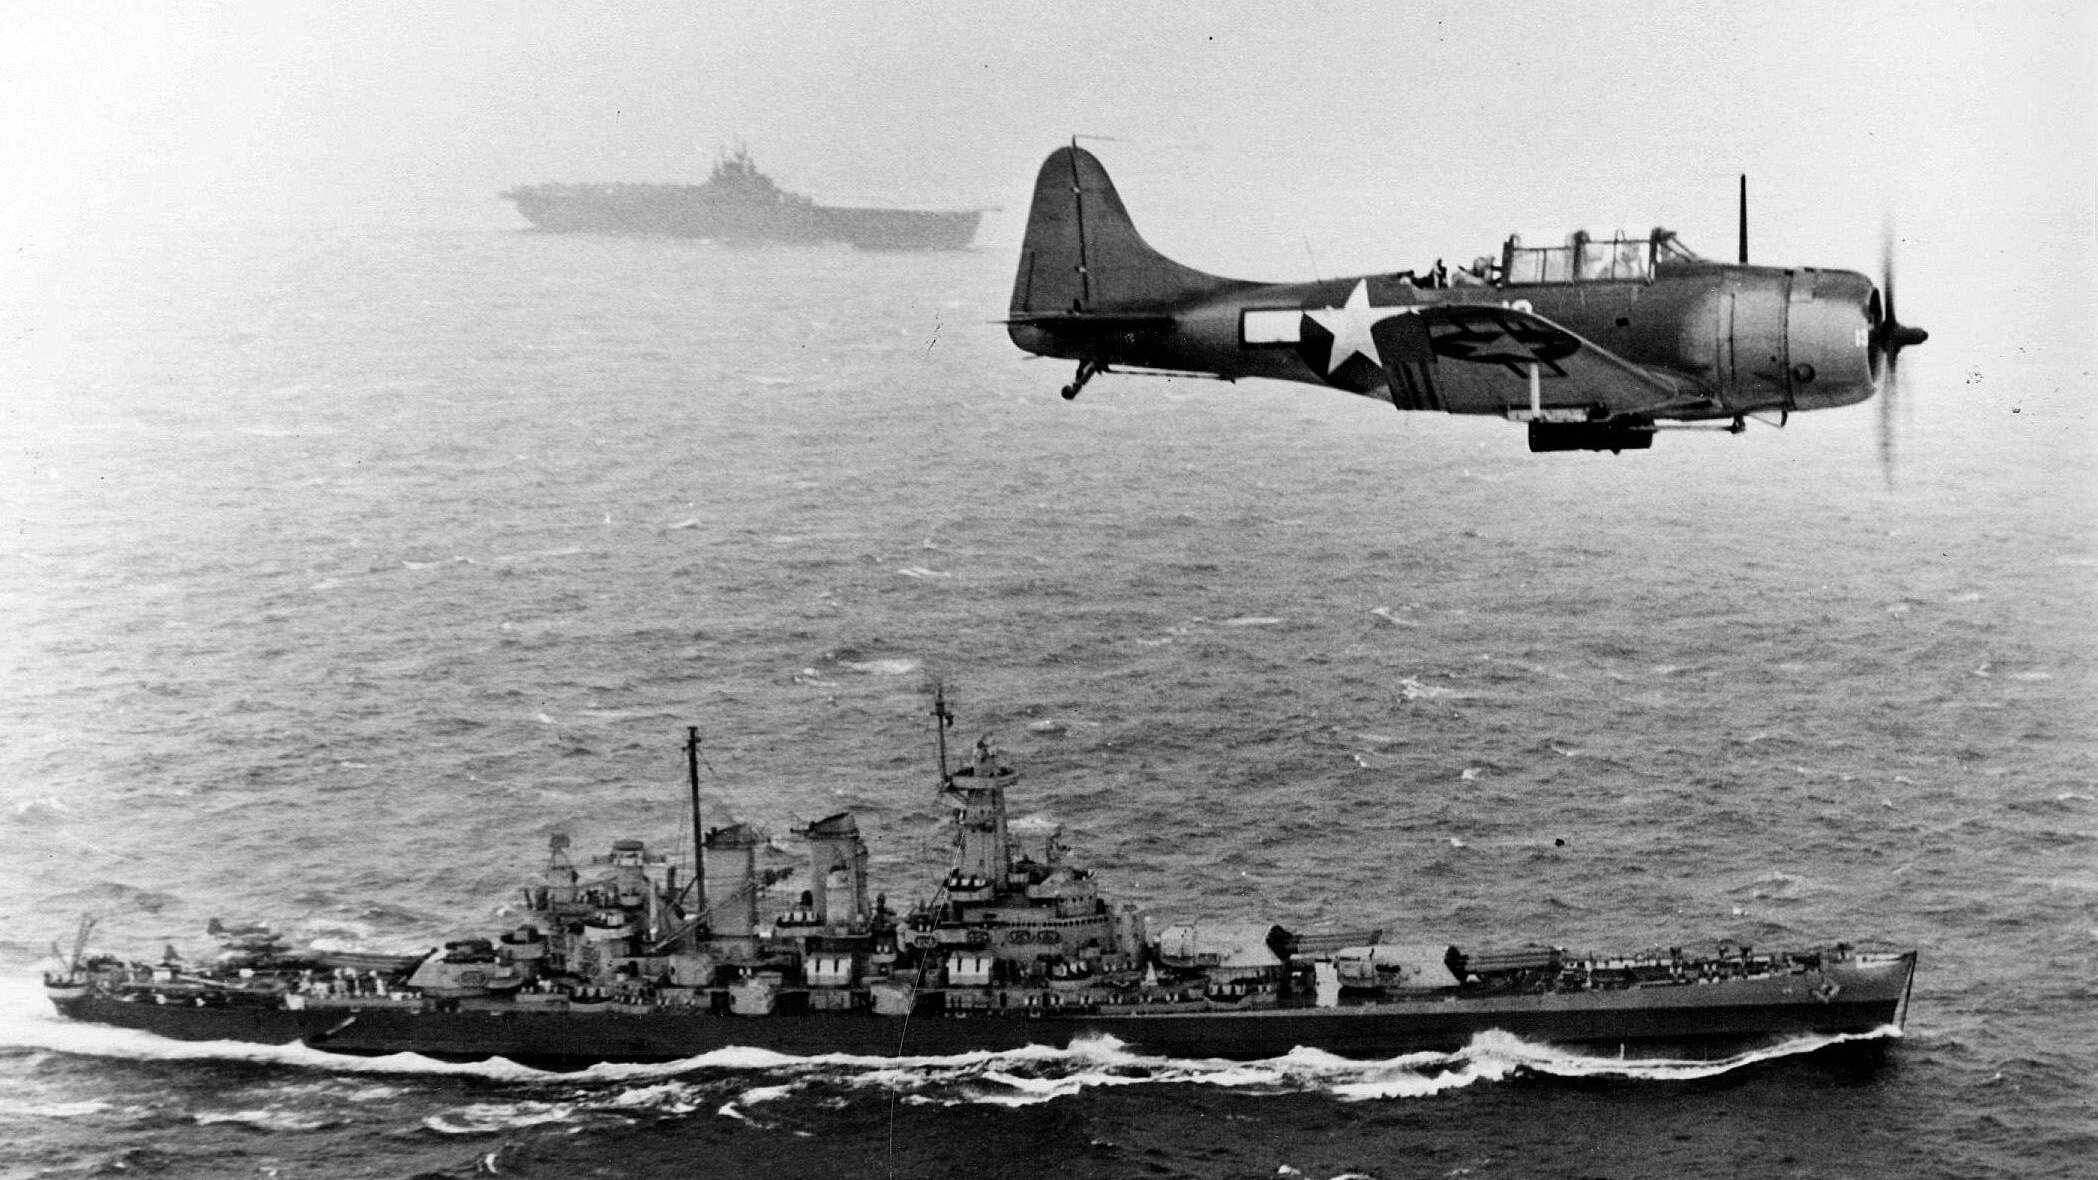 2. verdenskrig blev udkæmpet i luften, på havet og på land i samtlige dele af verden.